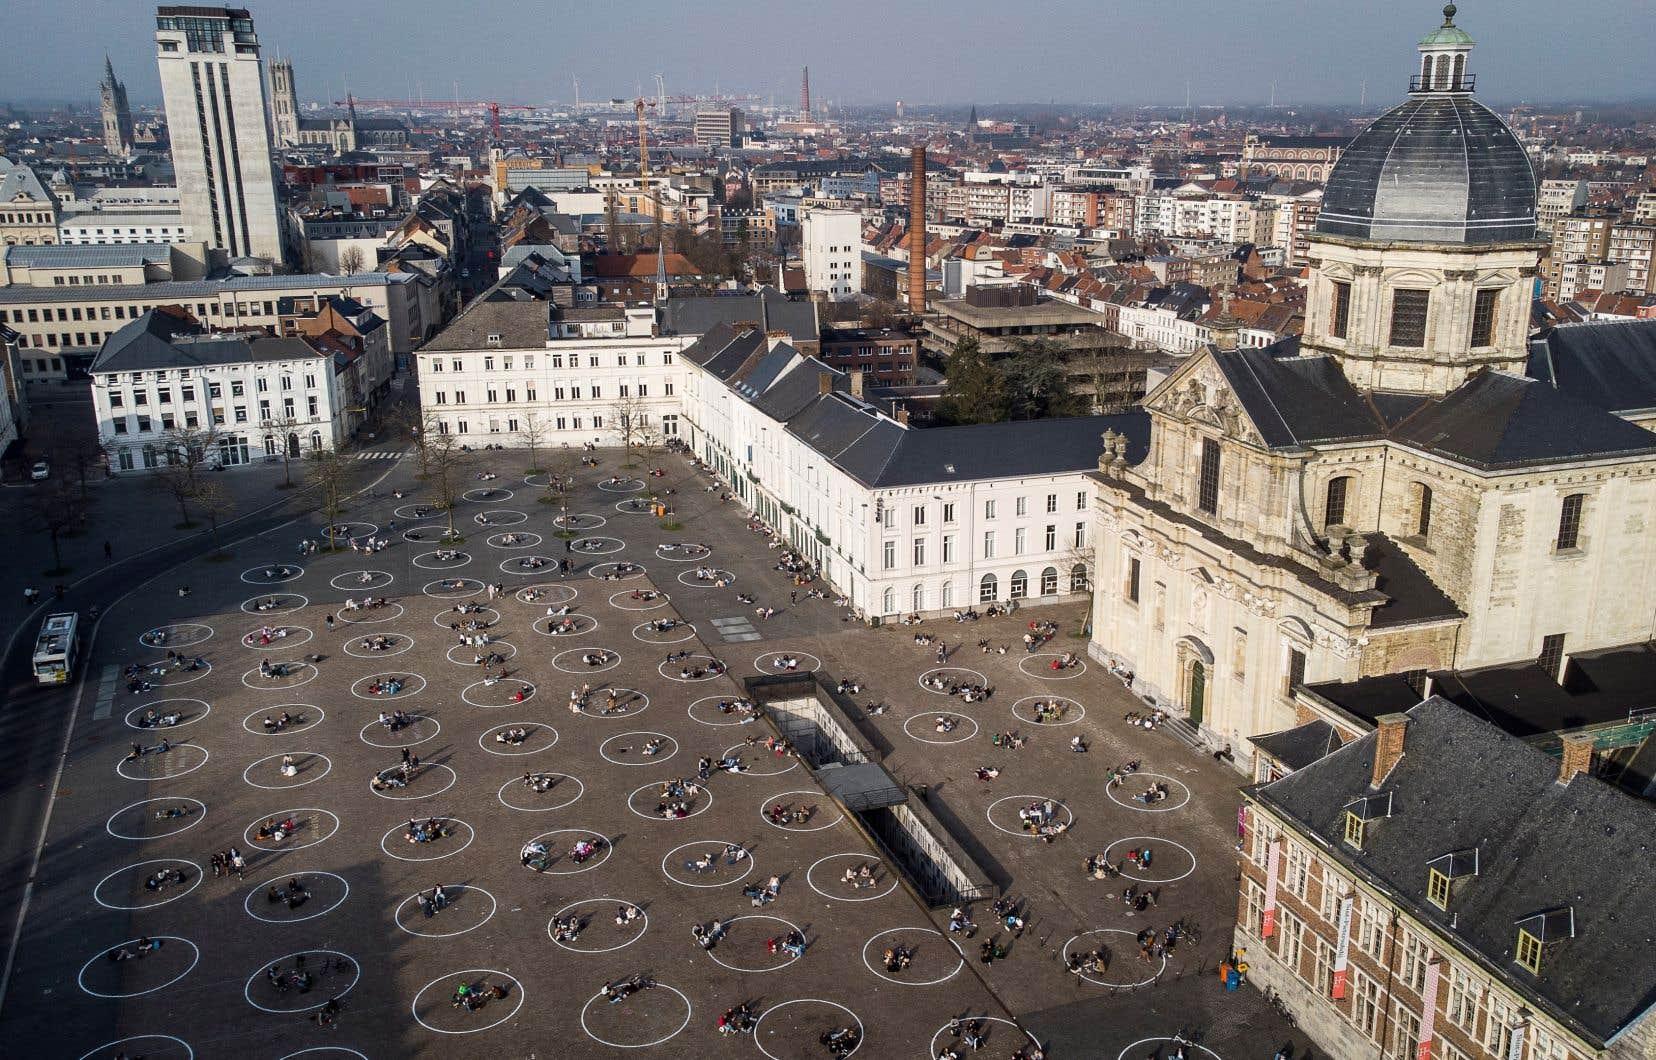 L'État belge est condamné à prendre toutes les mesures appropriées pour «mettre un terme à la situation d'illégalité apparente découlant des mesures restrictives des libertés et droits fondamentaux».